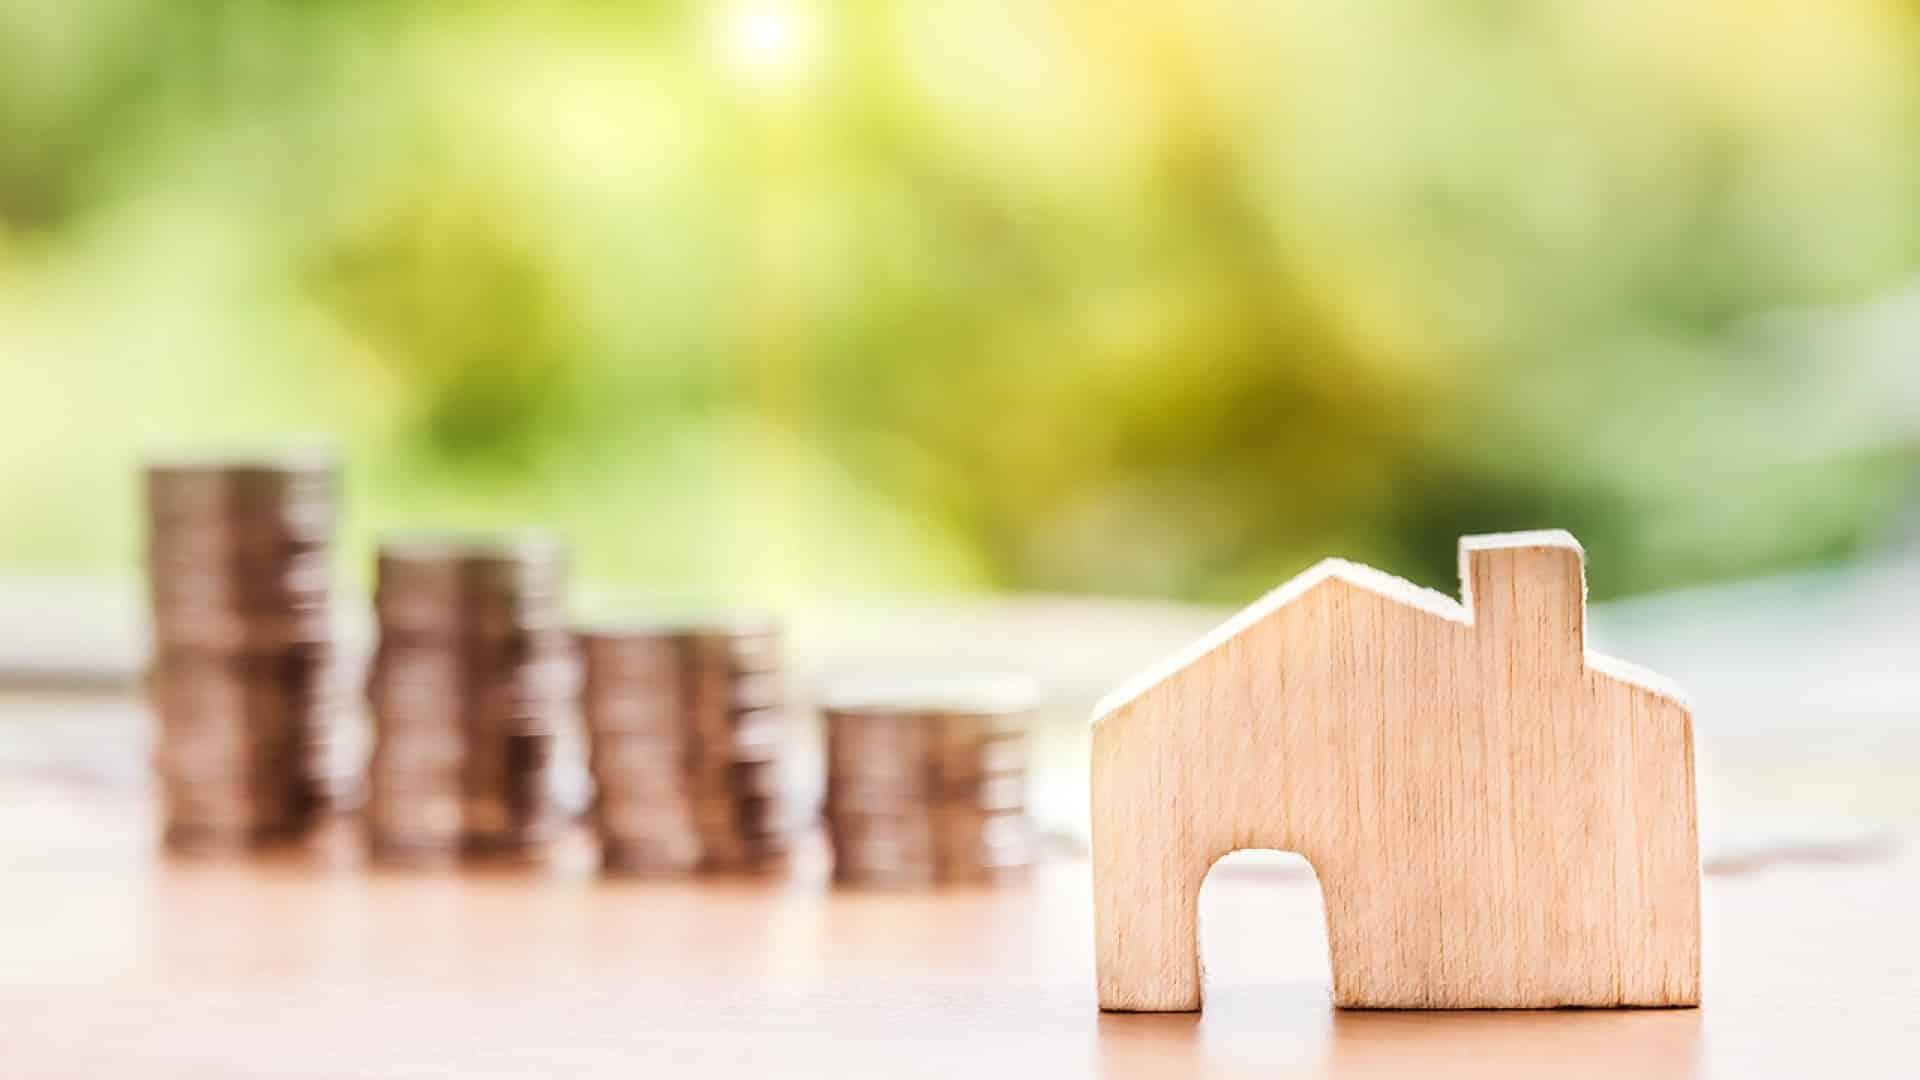 Achat immobilier : comment obtenir une réduction d'impôt ?